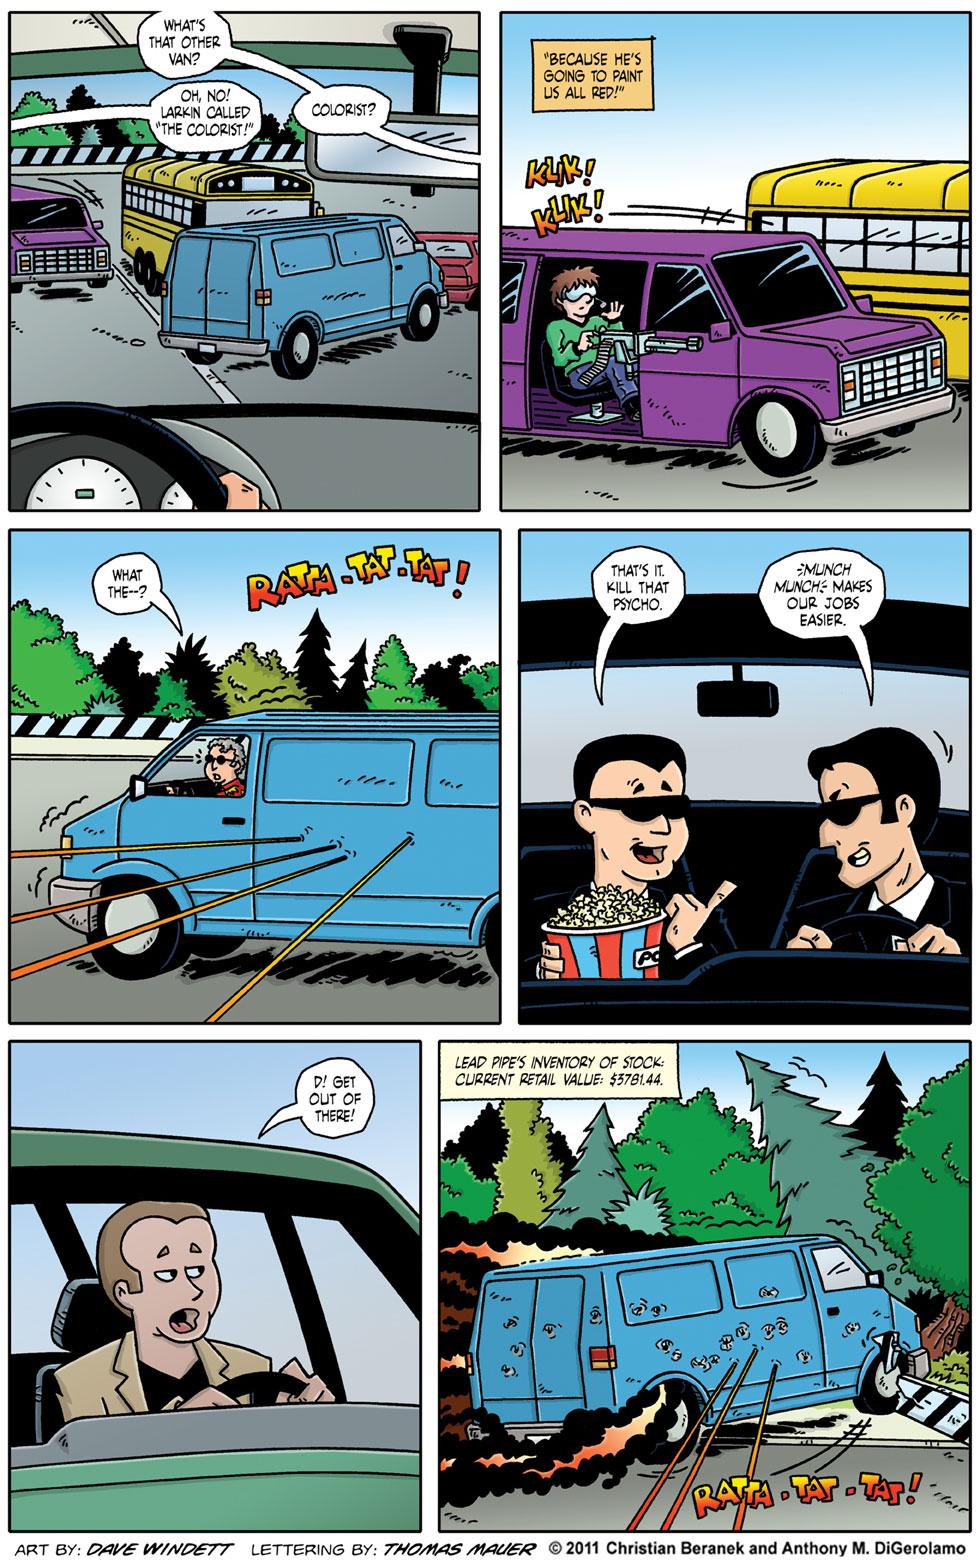 Comic Book Mafia #41: Enter the Colorist